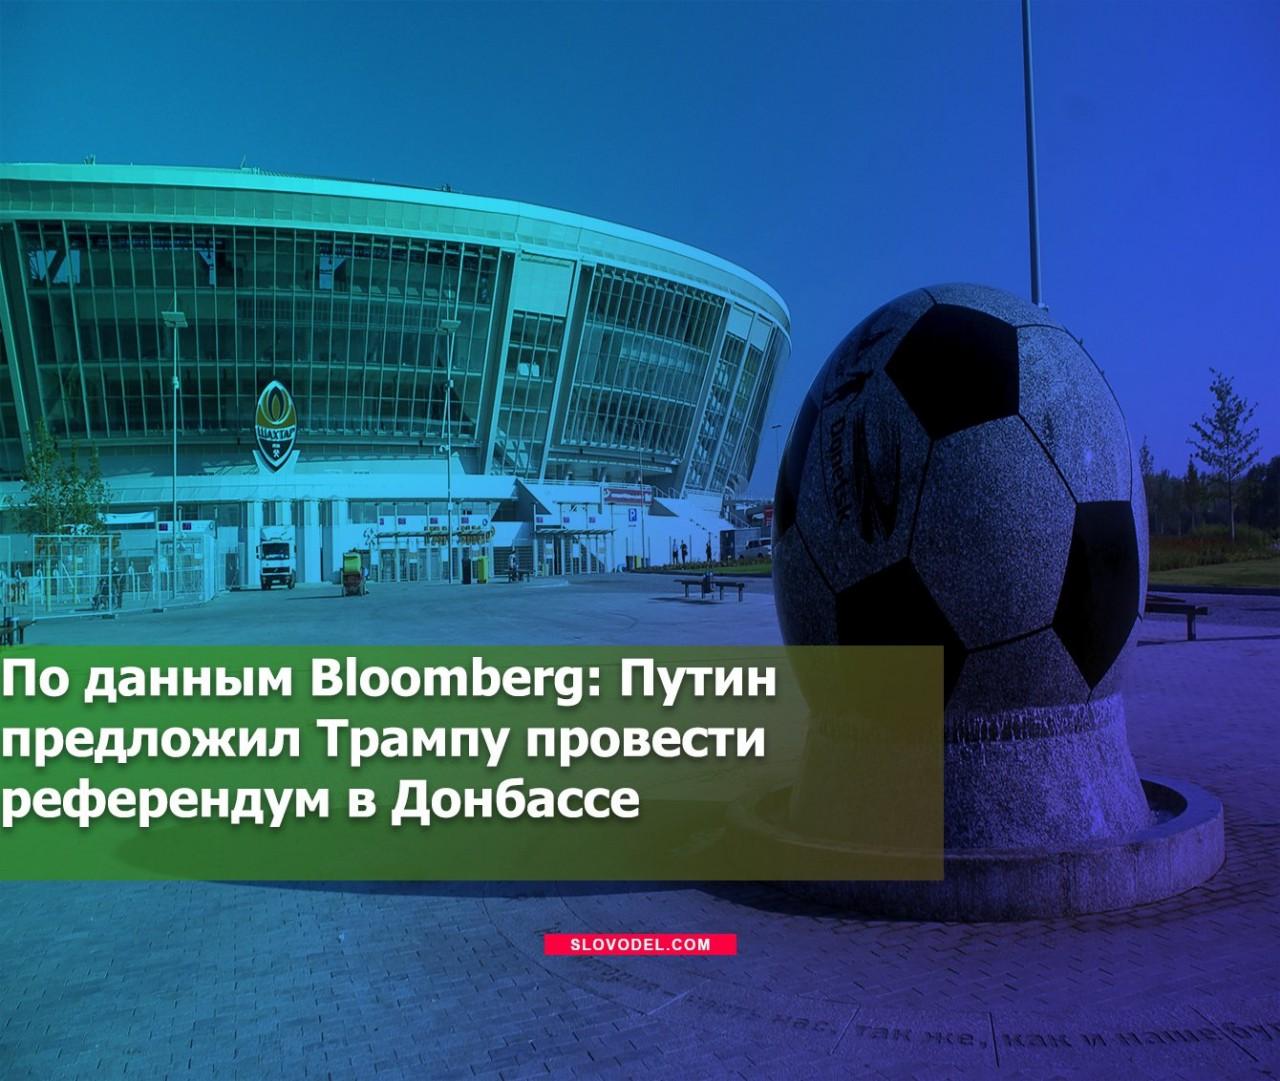 По данным Bloomberg: Путин предложил Трампу провести референдум в Донбассе